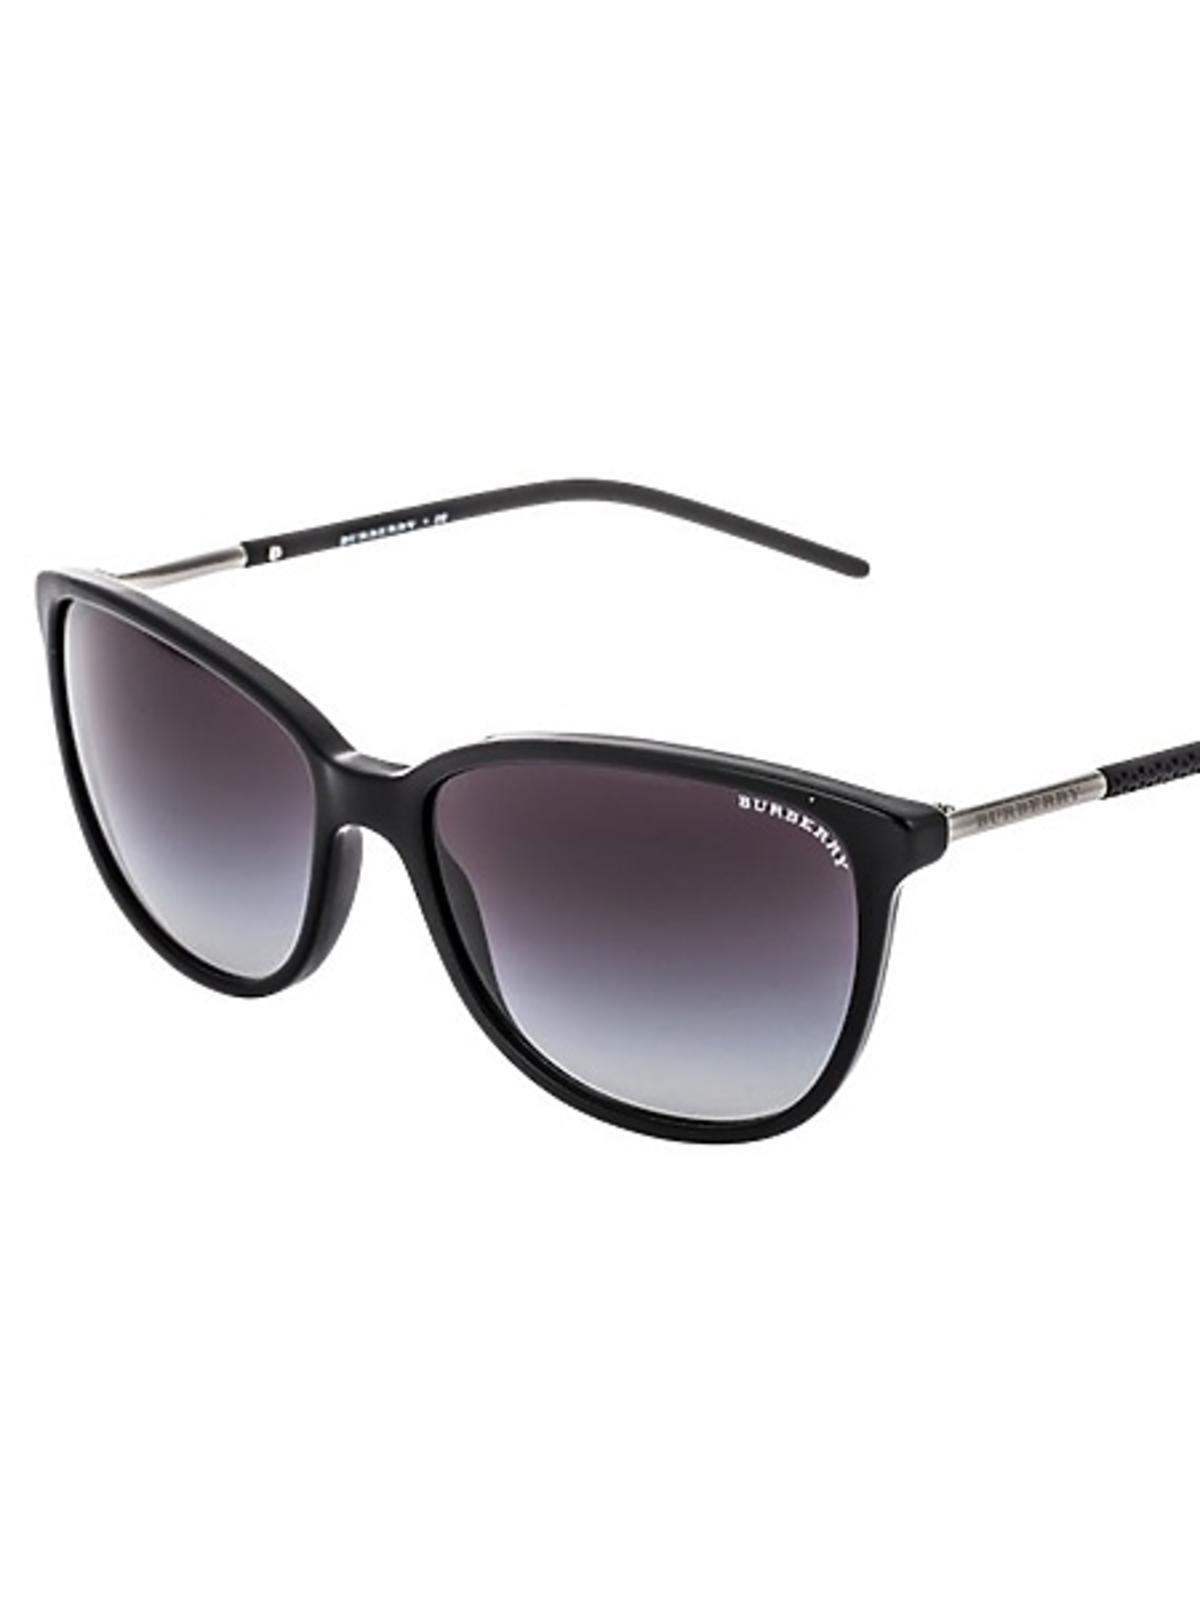 Okulary przeciwsłoneczne Burberry, cena